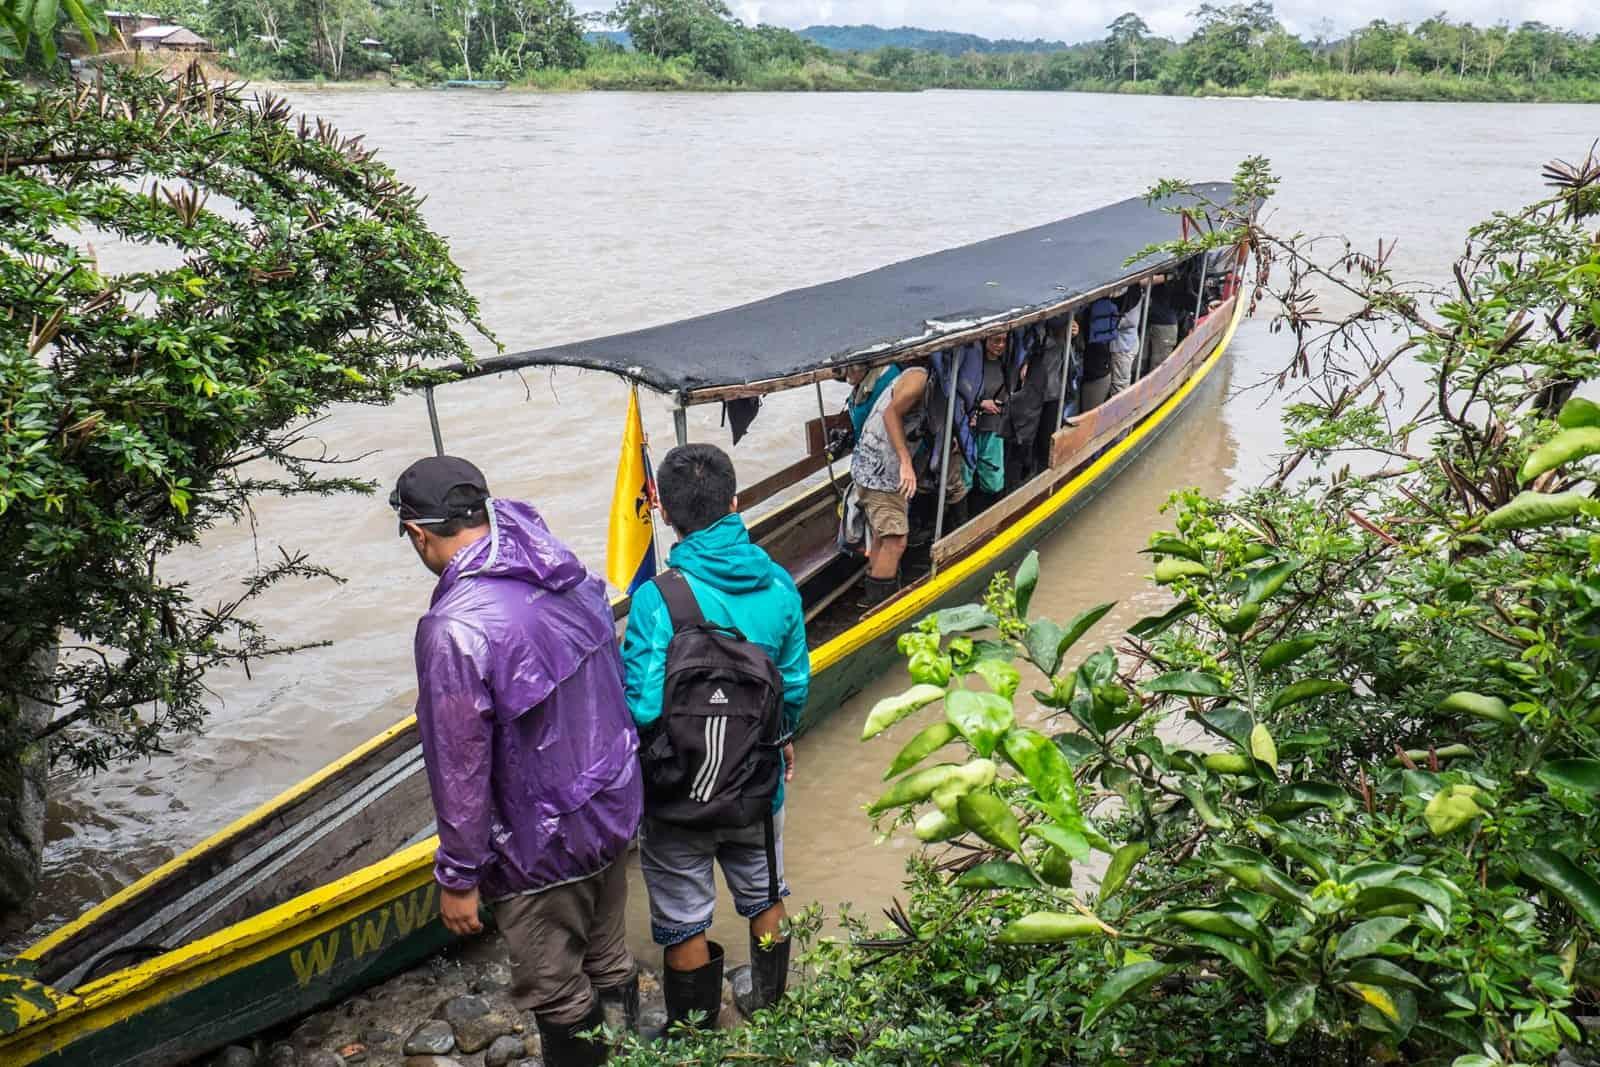 Viaje en barco a Ecuador Amazon Amazon